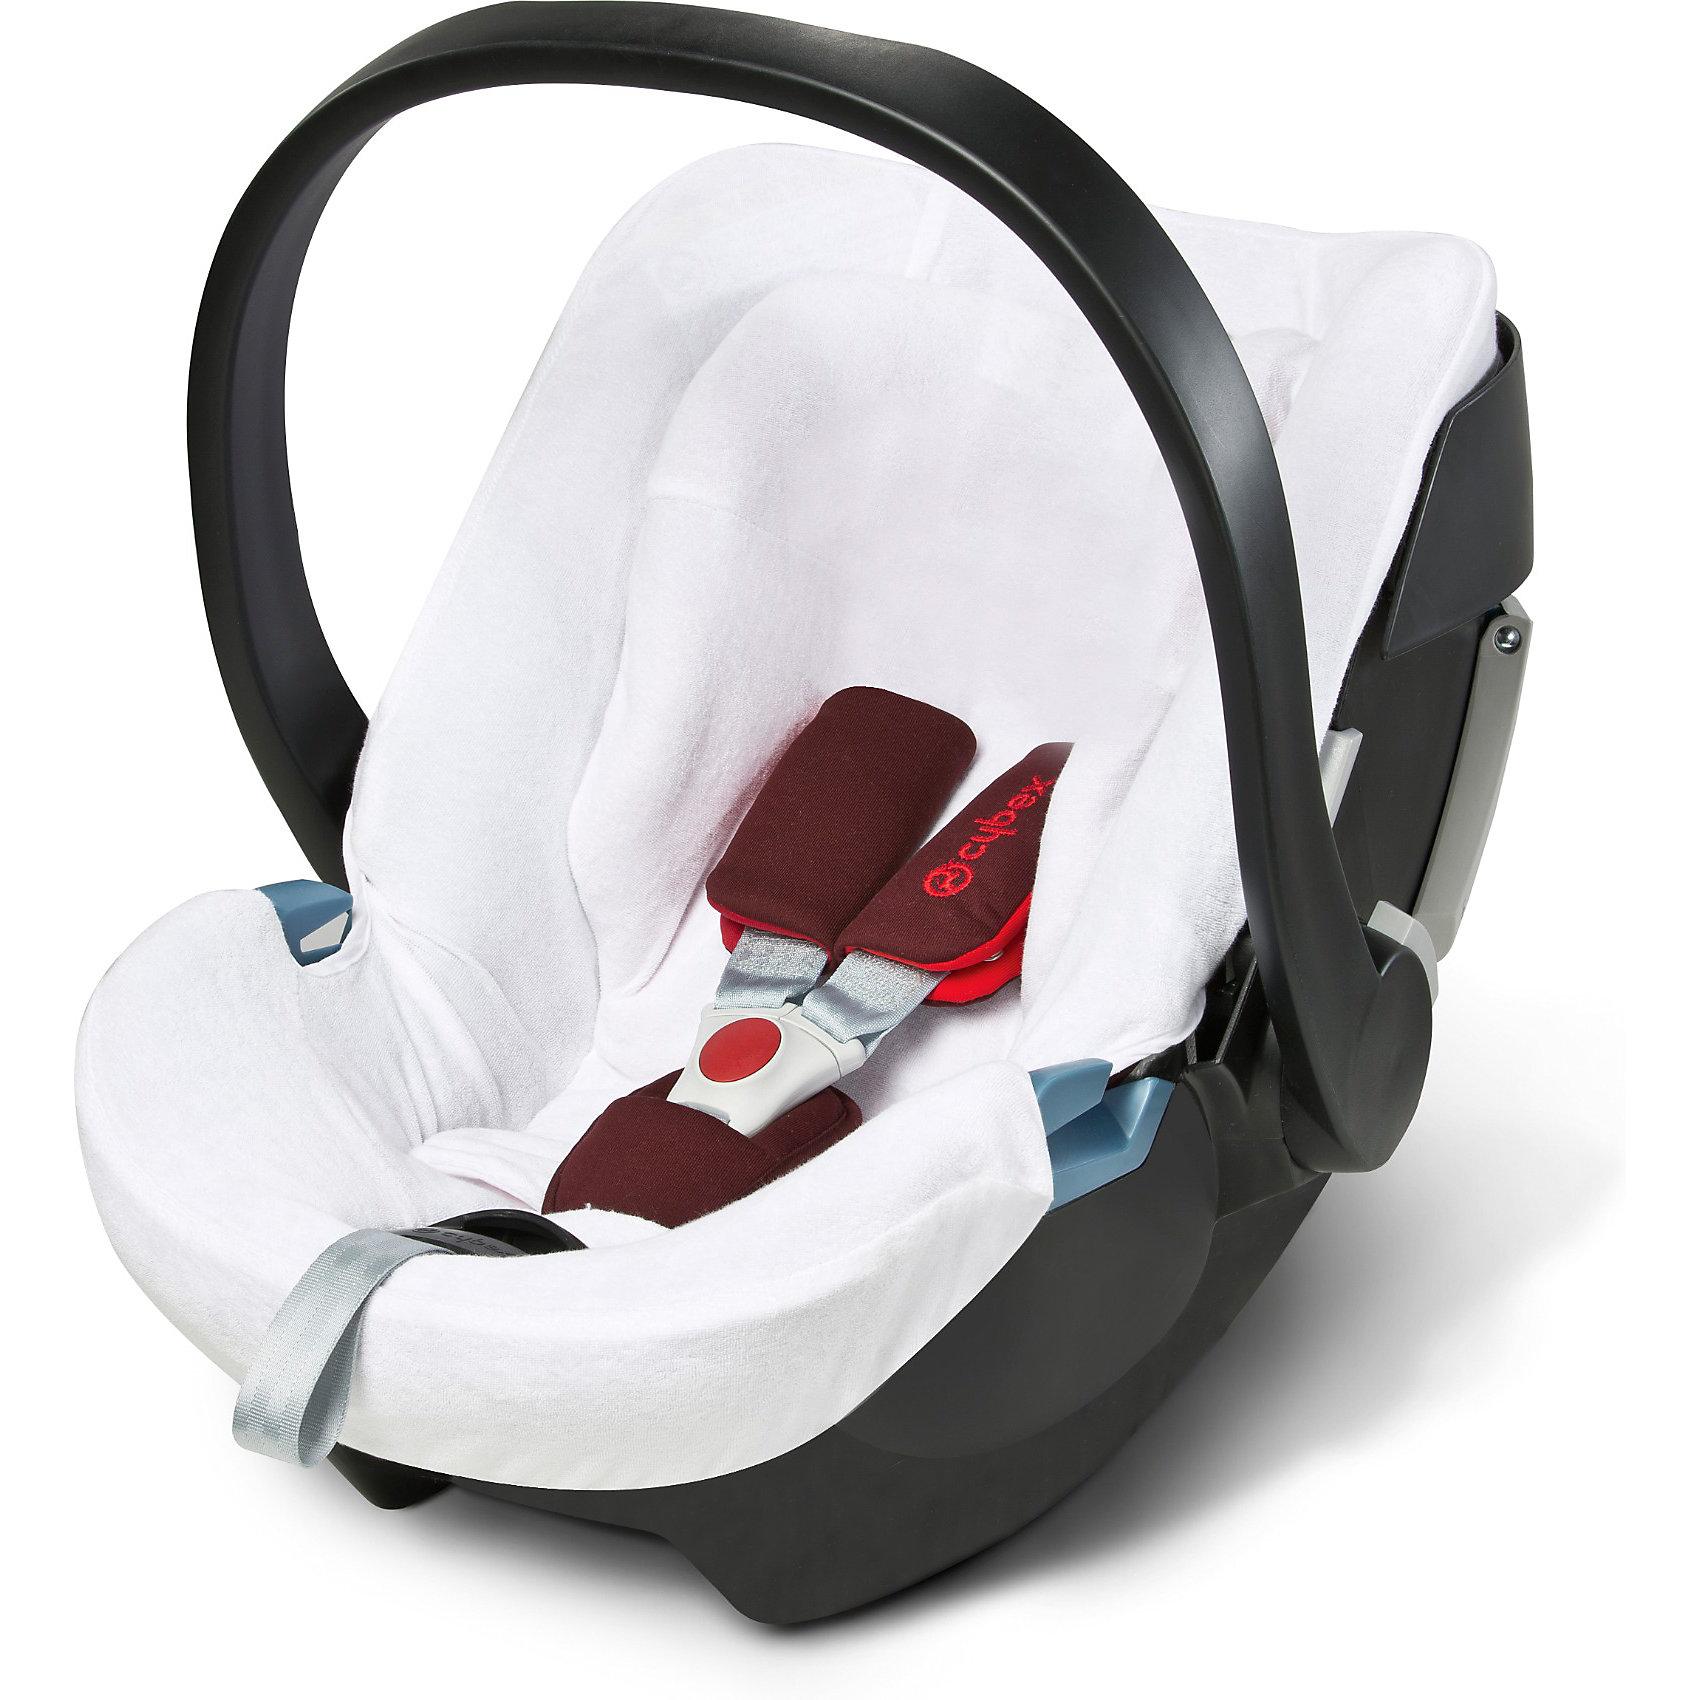 Летний чехол для Atona, CybexДаже хорошее автокресло требует определенного ухода, чтобы малыш ездил в чистоте и комфорте. Для автокресел Cybex Aton Basic, Cybex Aton, Cybex Aton 2 и Cybex Aton 3/3S производитель создал специальный чехол.<br>Он защищает ребенка в автокресле от перегревания в жаркие дни, легко стирается, преимущественно сделан из хлопка (мягкой махровой ткани), впитывает влагу,  защищает обивку кресла от загрязнения, обладает антибактериальными свойствами. Изделие произведено из качественных и безопасных для малышей материалов, оно соответствуют всем современным требованиям безопасности. Оно отлично показало себя на краш-тестах.<br> <br>Дополнительная информация:<br><br>материал: текстиль;<br>легкий;<br>поверхность пропускает воздух;<br>легко снять и выстирать;<br>подходит для автокресла Cybex Aton и модификаций.<br><br>Летний чехол для Atona от компании Cybex можно купить в нашем магазине.<br><br>Ширина мм: 216<br>Глубина мм: 144<br>Высота мм: 63<br>Вес г: 137<br>Возраст от месяцев: 0<br>Возраст до месяцев: 12<br>Пол: Унисекс<br>Возраст: Детский<br>SKU: 3779384